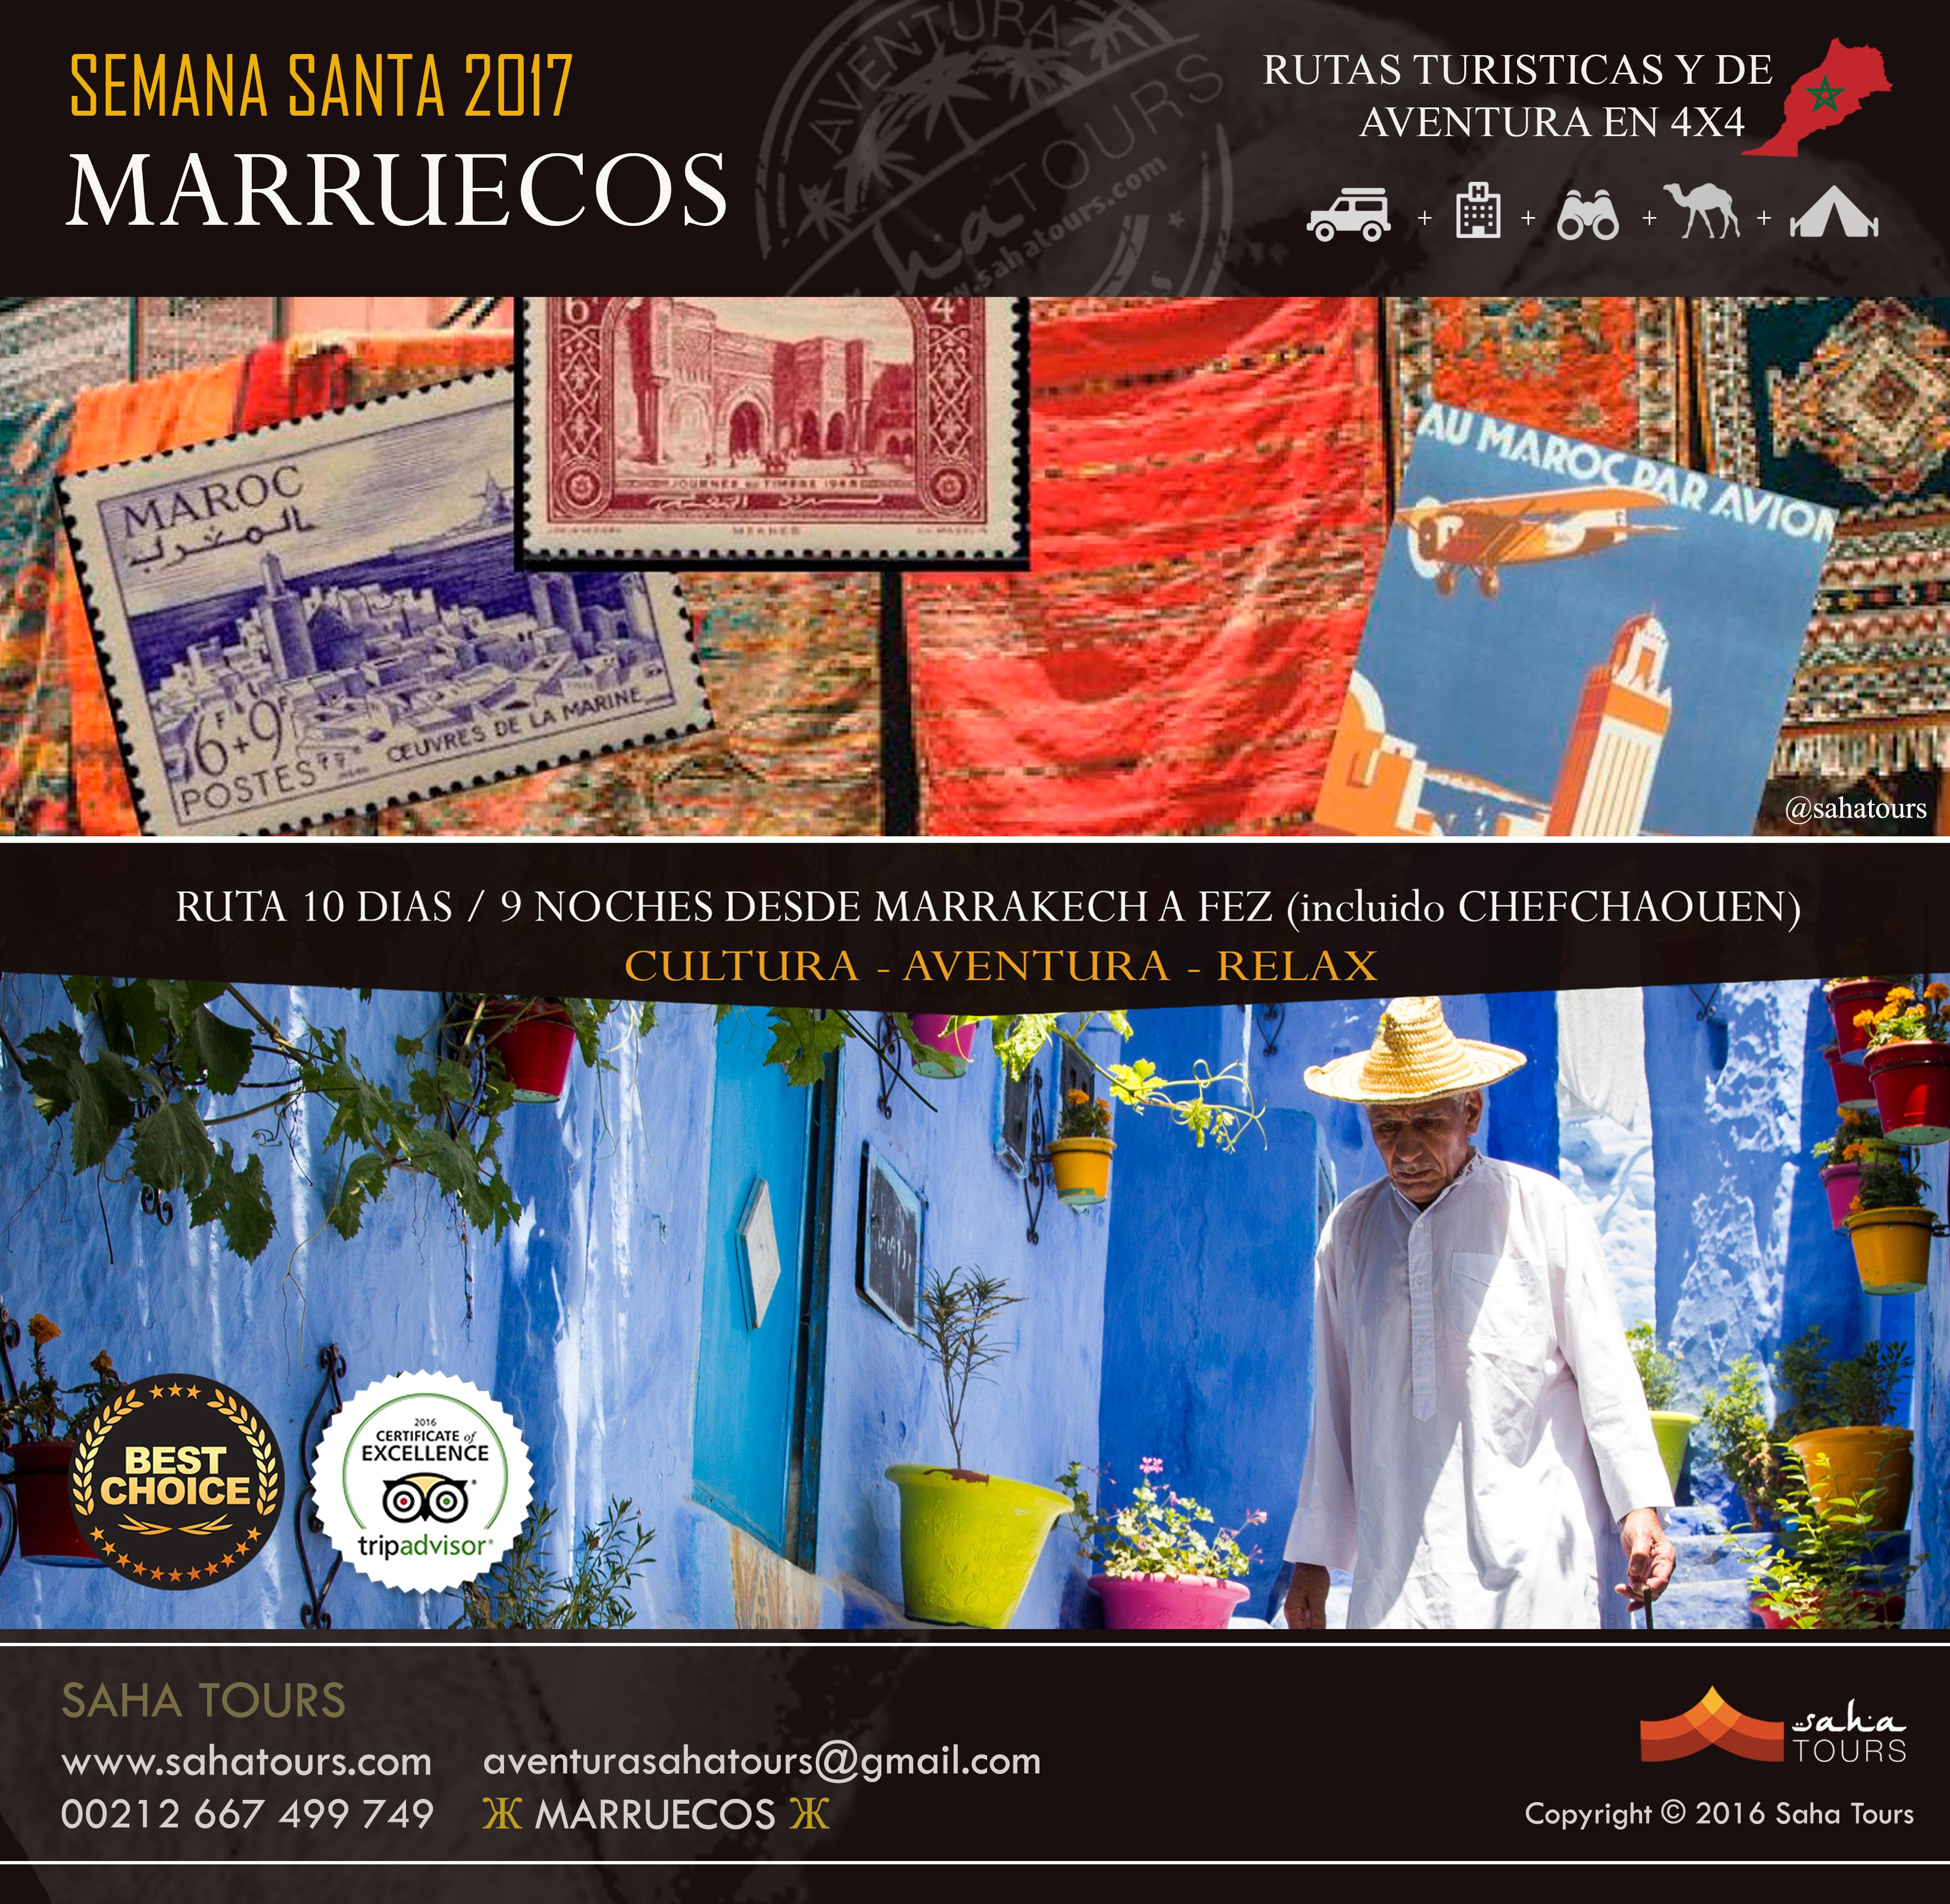 VIAJE A MARRUECOS - SEMANA SANTA 2017 - RUTA 10 DIAS / 9 NOCHES DESDE MARRAKECH A FEZ (incluido CHEFCHAOUEN) 1